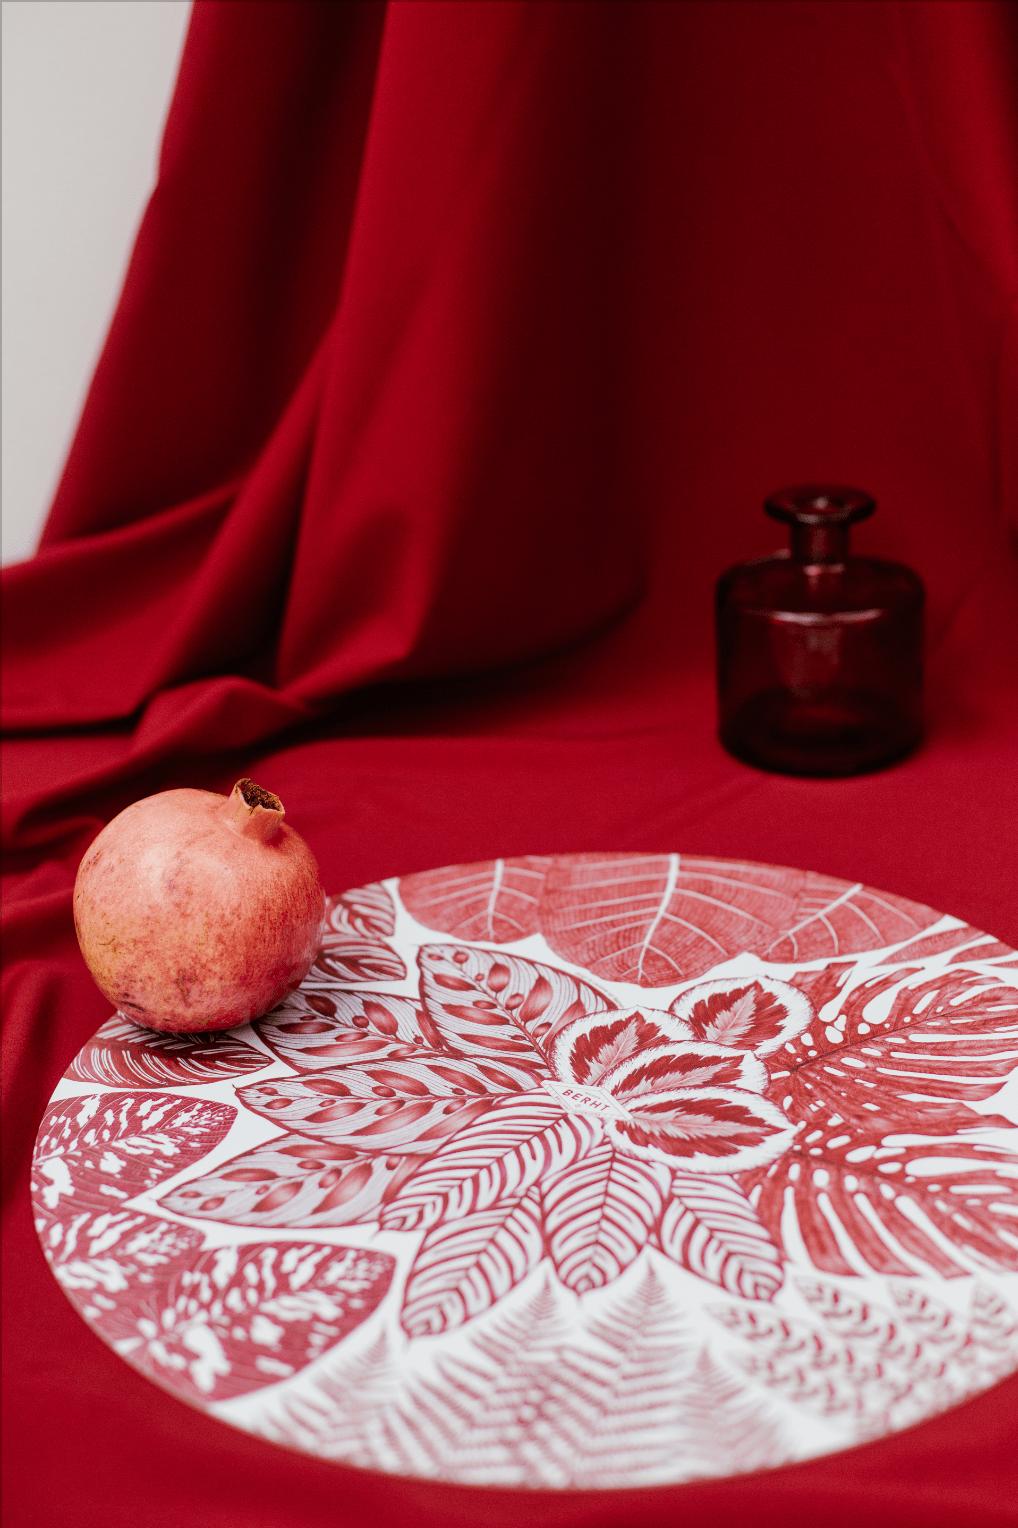 accessoire art de la table Collaboration decoration dessin ILLUSTRATION  Production set de table stylo bic végétaux